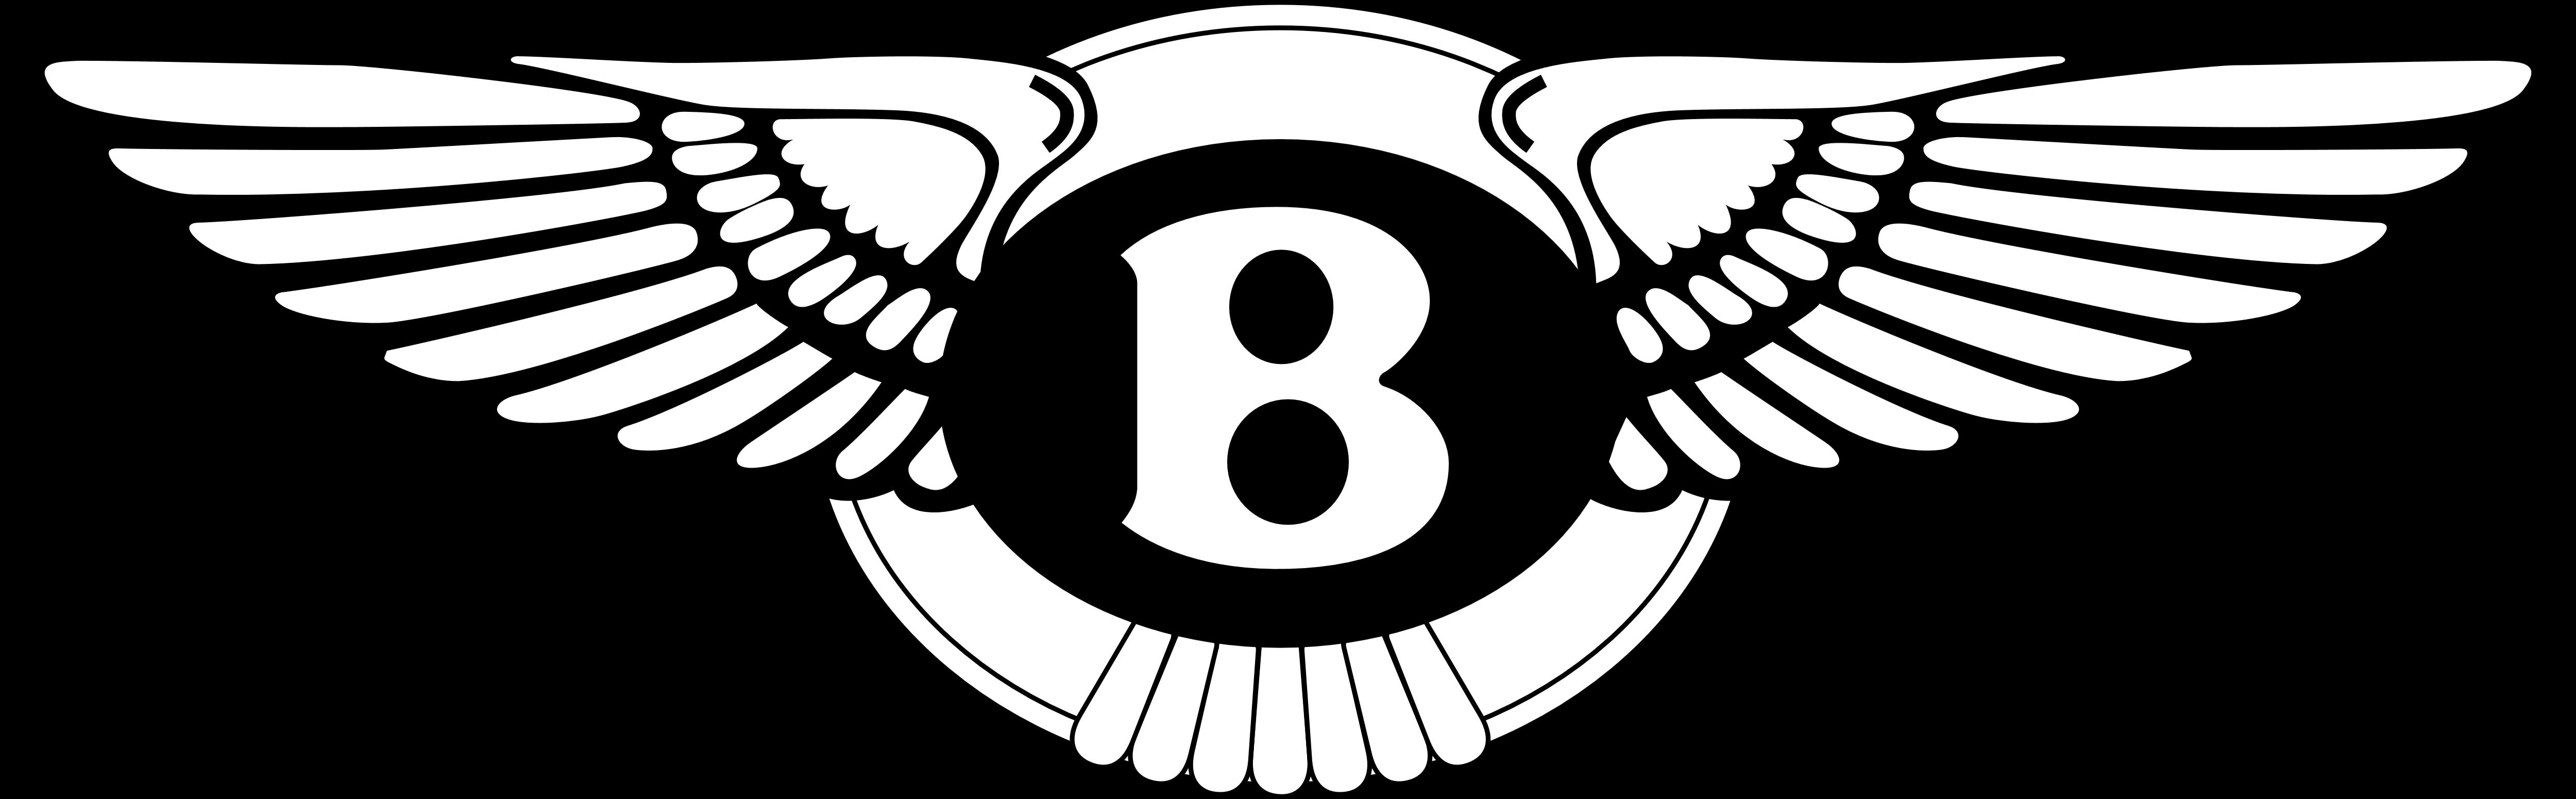 Bentley – Logos Download - Bentley Logo PNG